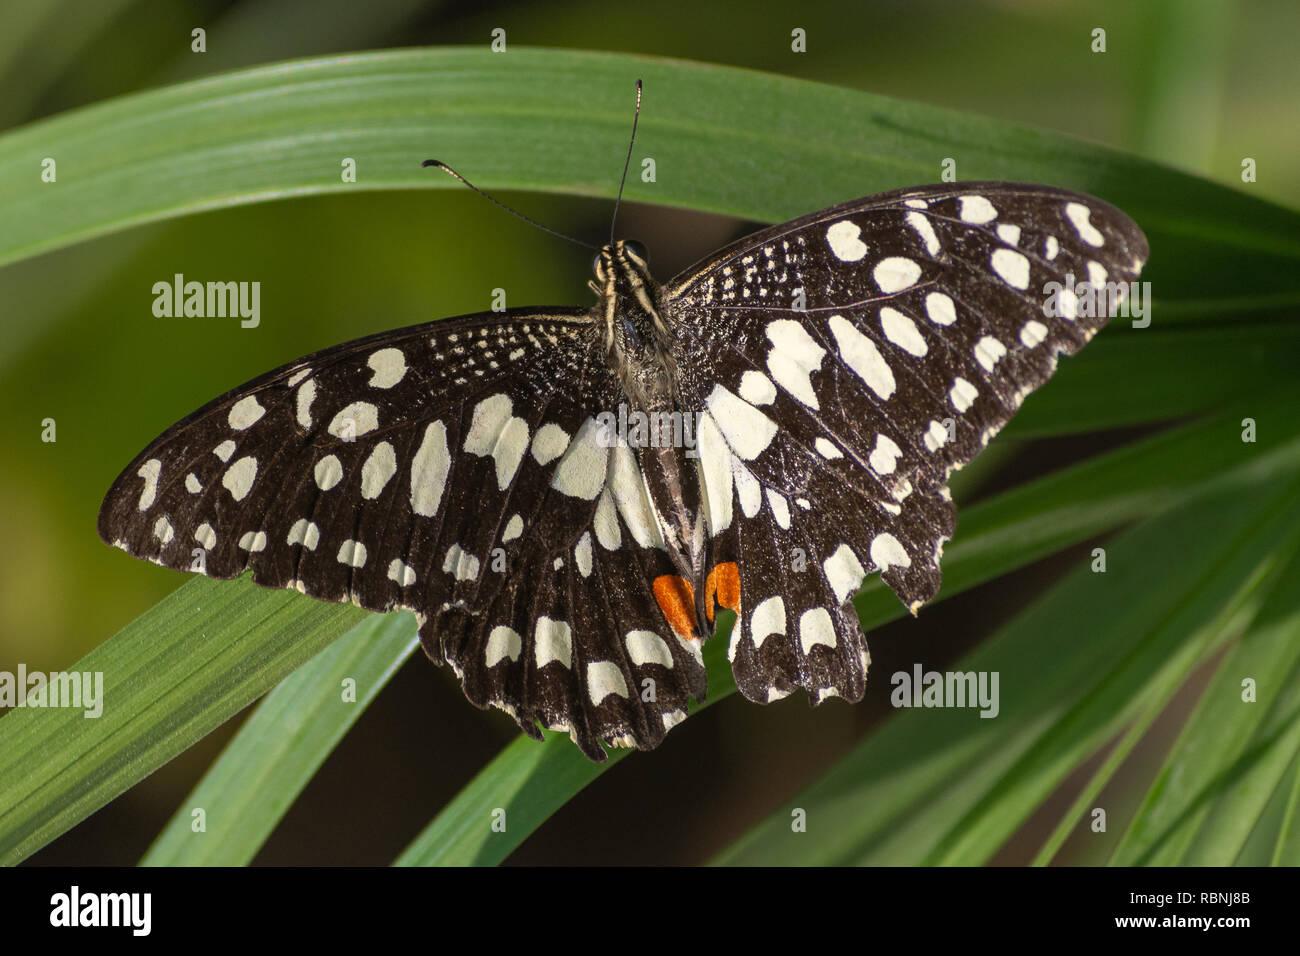 Un calce/Limone farfalla o calce/a coda di rondine a scacchi su un fiore rosso (Papilio demoleus) in Abu Dhabi, negli Emirati Arabi Uniti con una pianta verde dello sfondo. Immagini Stock